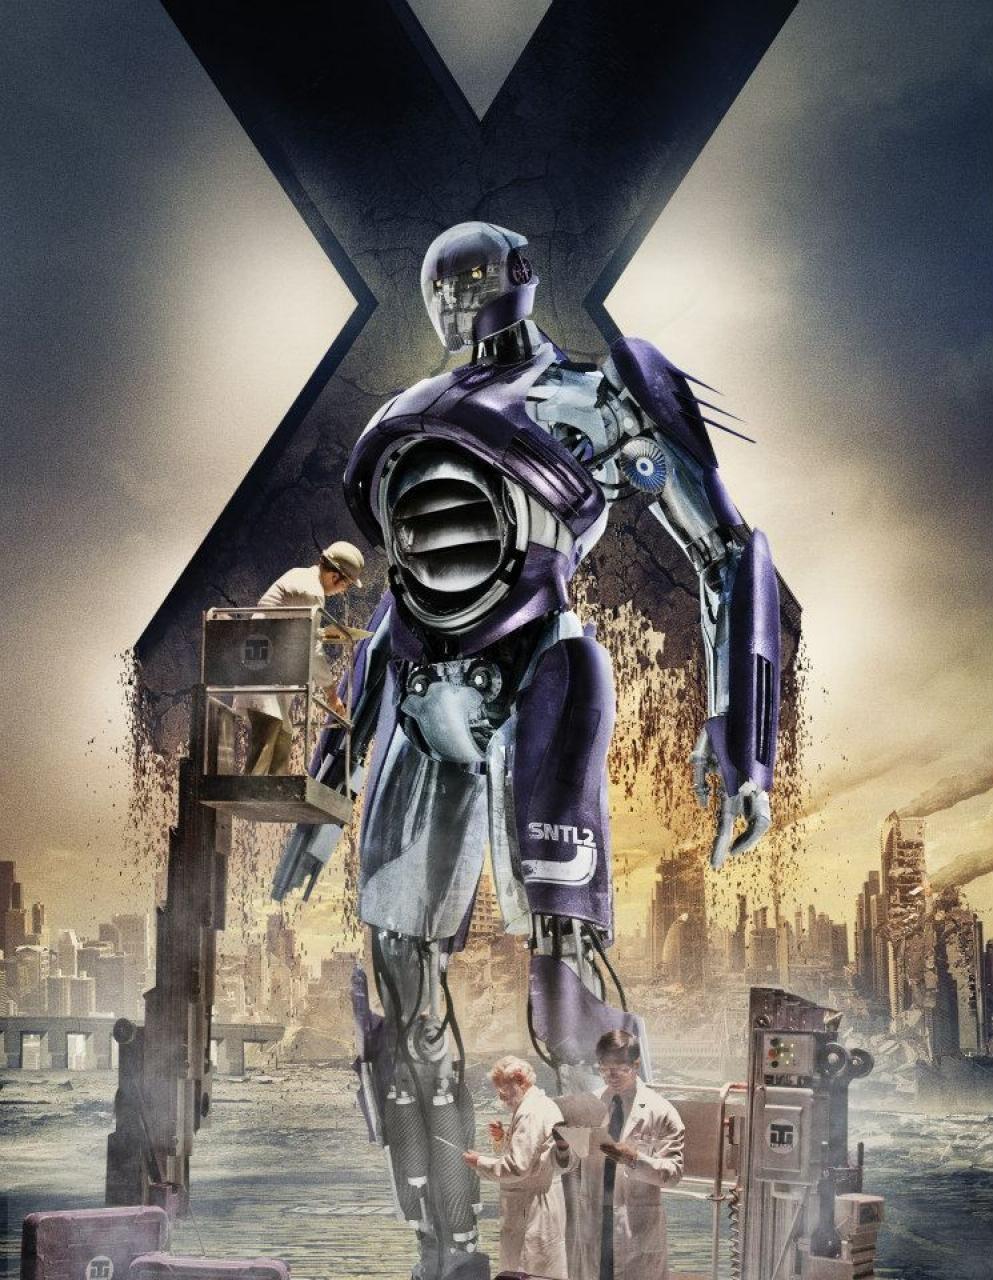 Pin Von Nathan Clendenin Auf X Men Zukunft Ist Vergangenheit Zukunft Ist Vergangenheit Marvel Comics Hugh Jackman